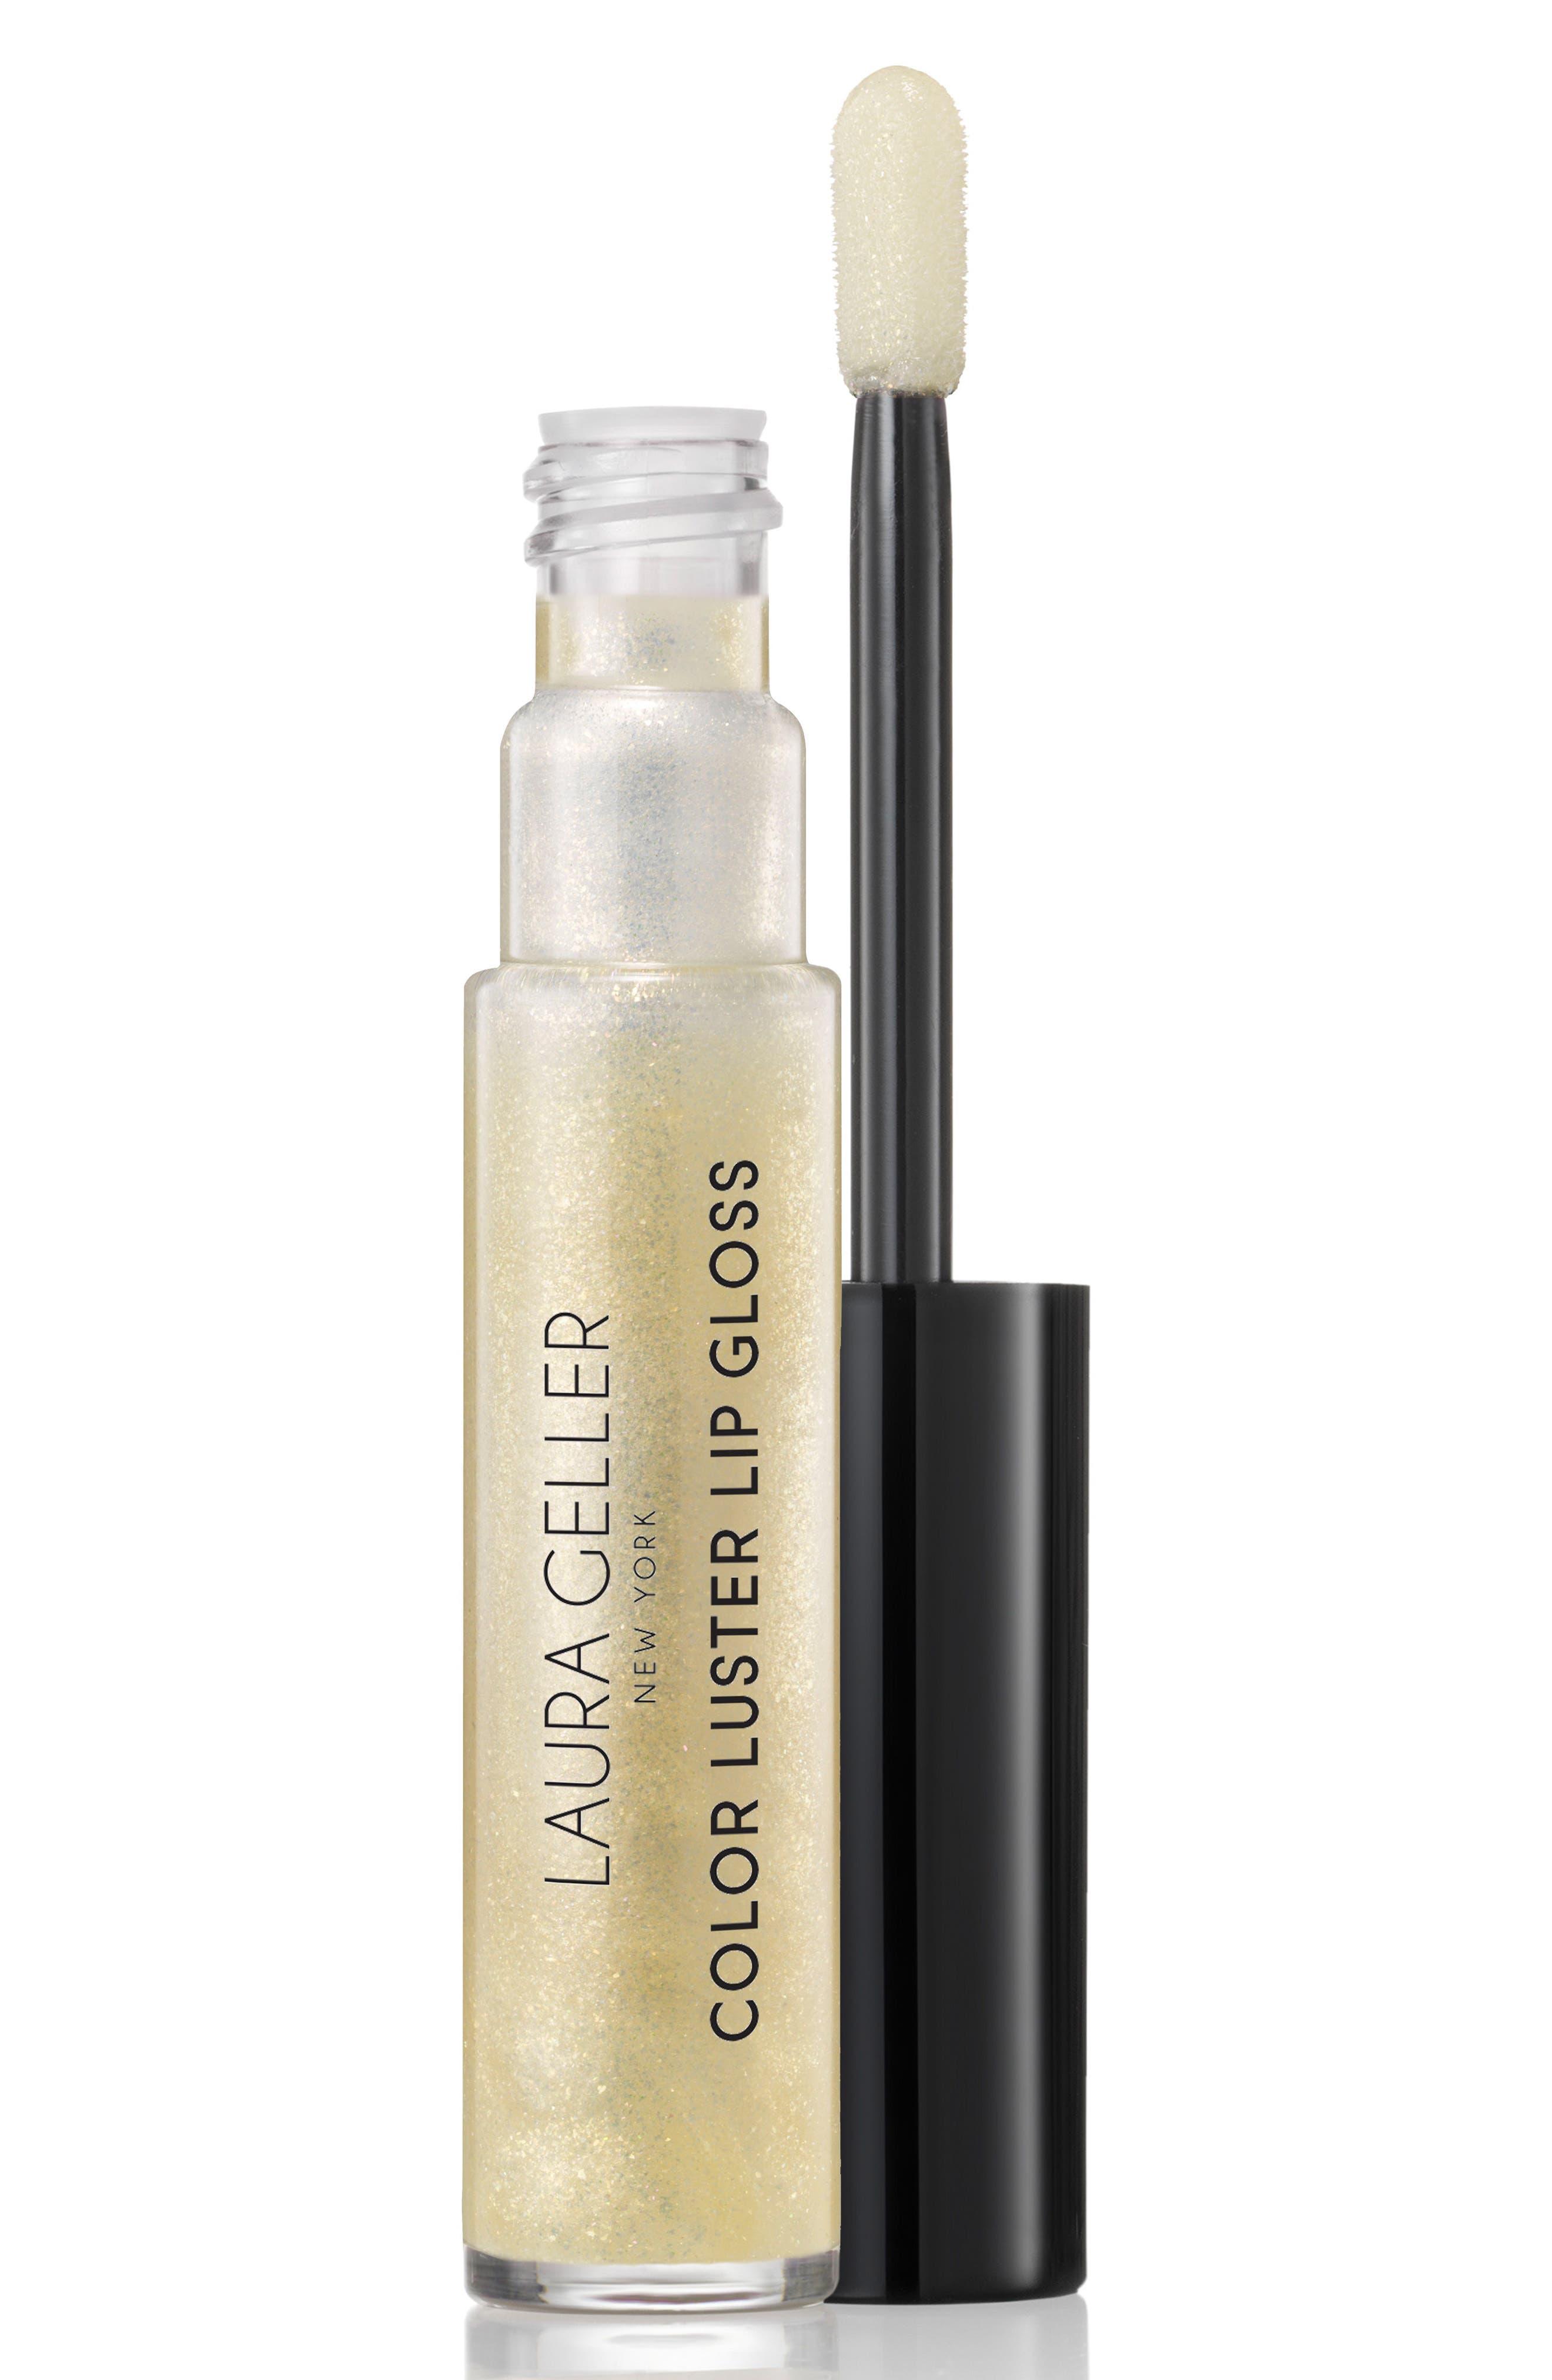 Laura Geller Beauty 'Color Luster' Lip Gloss